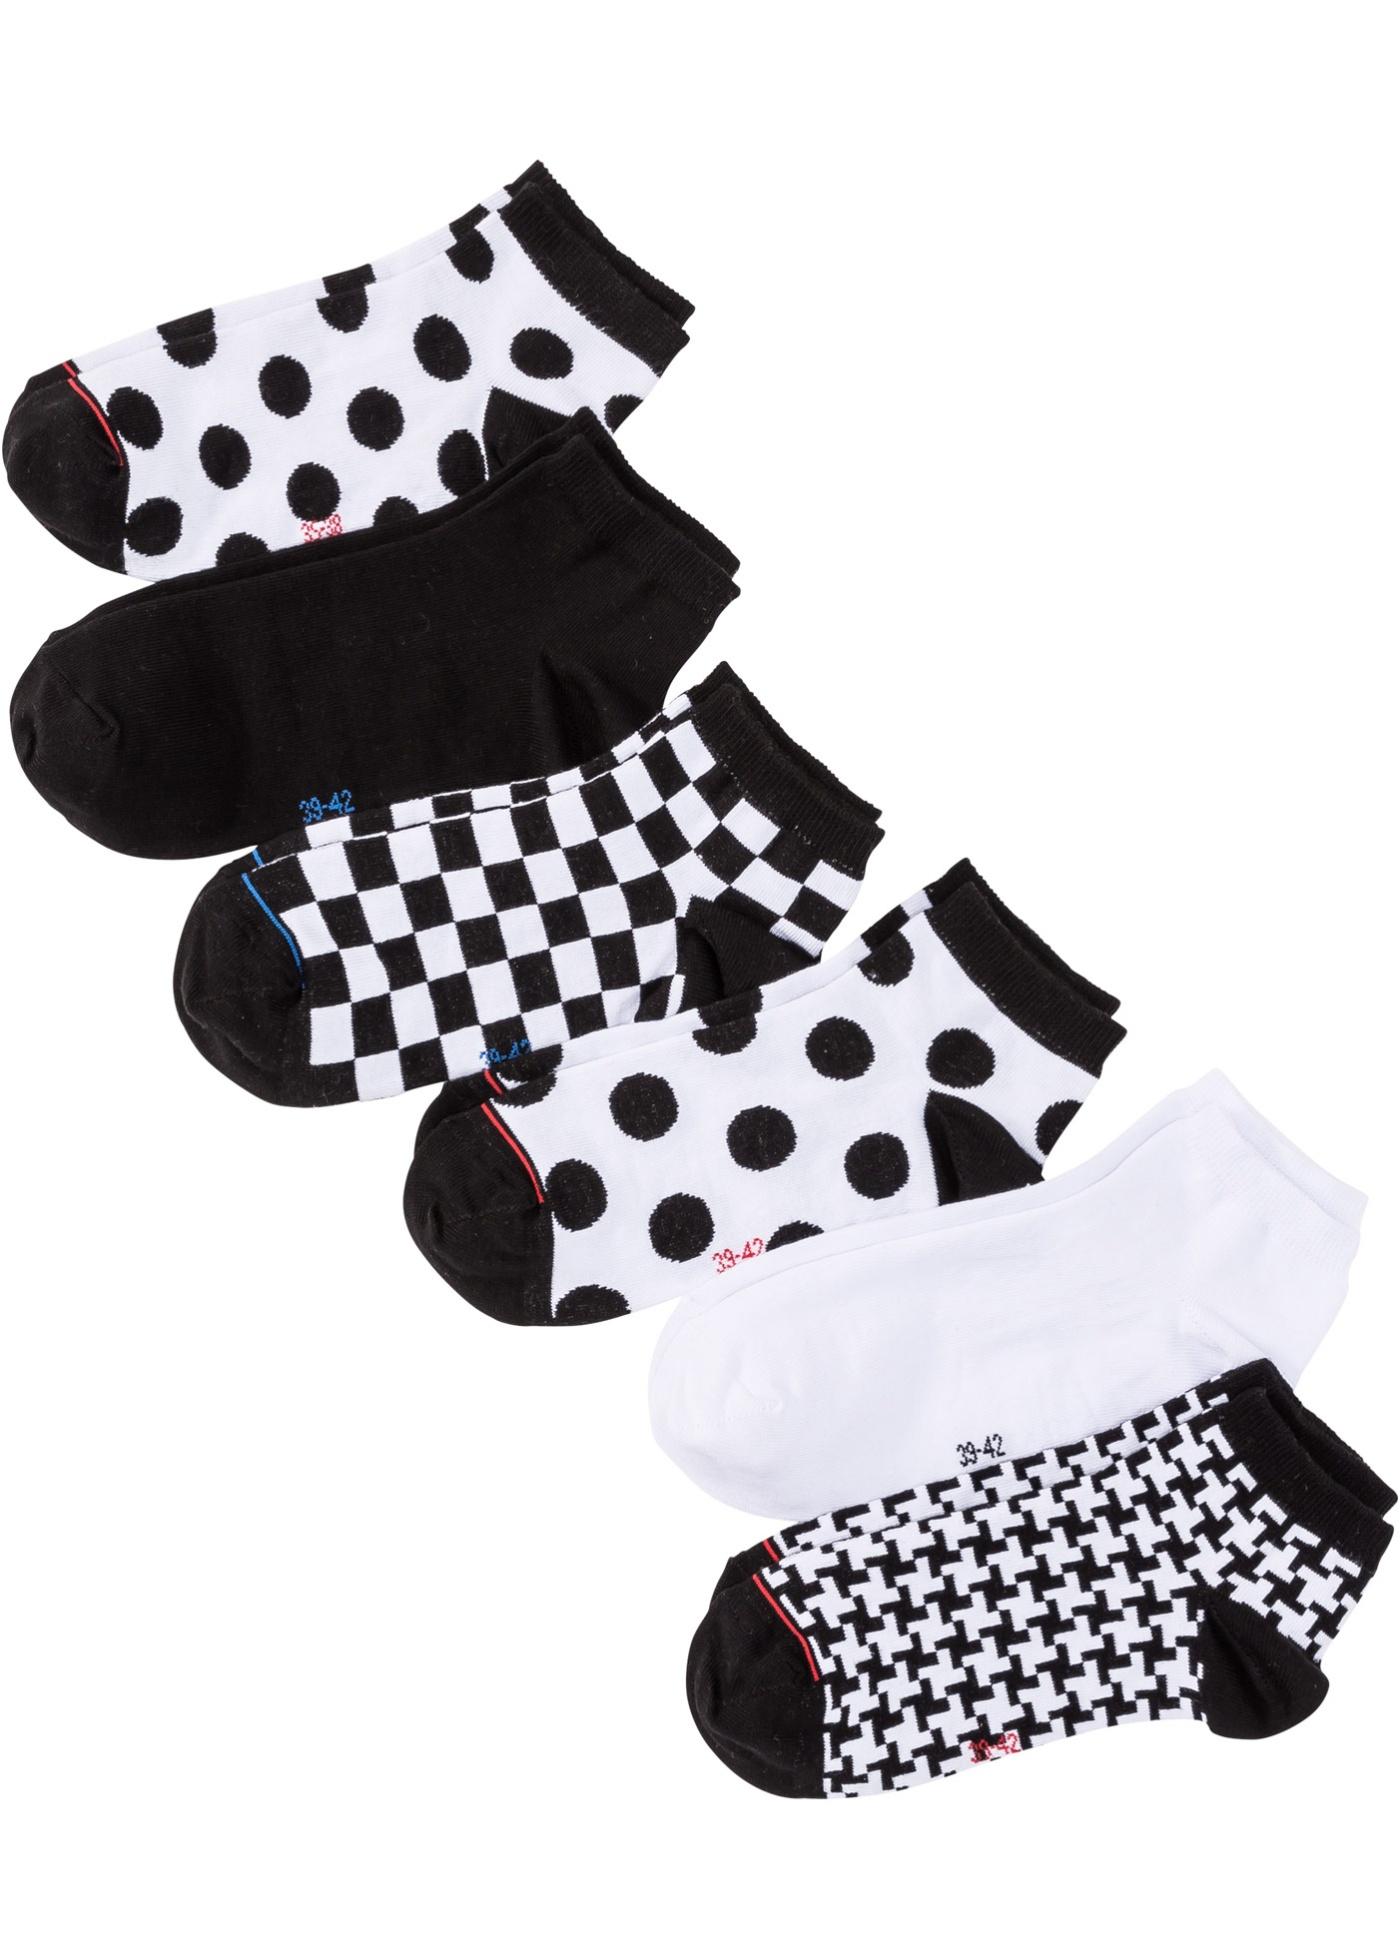 Nízké dámské ponožky (6 párů) - Černá